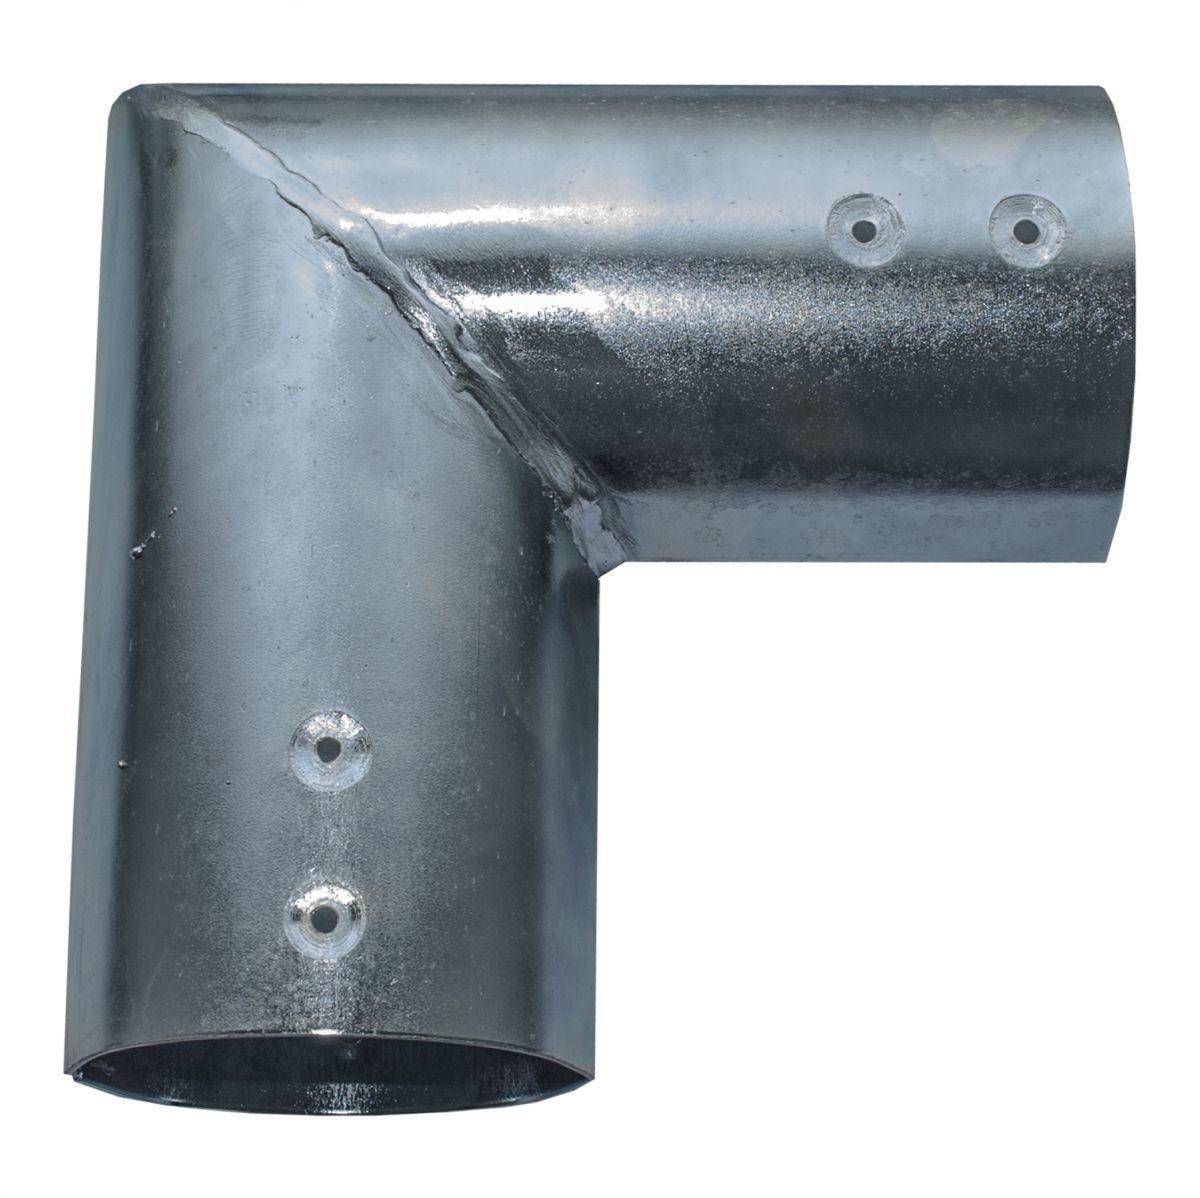 21811101verbindingsset voor ronde palen 10 cm gegalvaniseerd hoekeindstuk